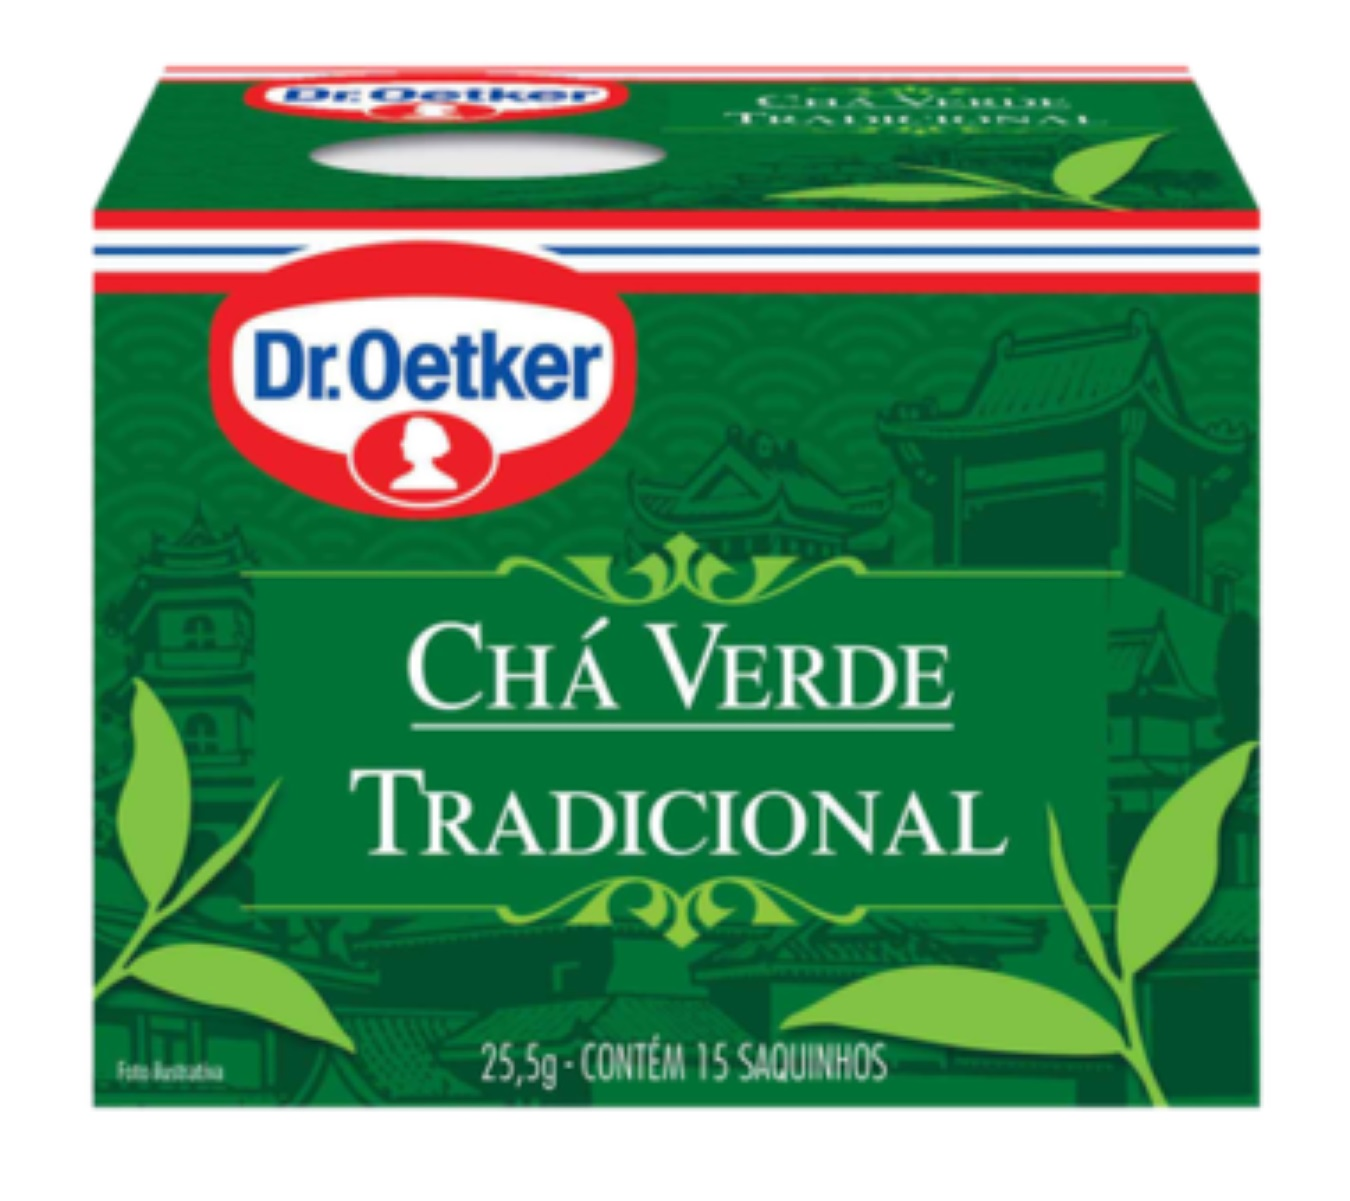 CHÁ VERDE TRADICIONAL DR.OETKER KIT COM 4 CAIXAS